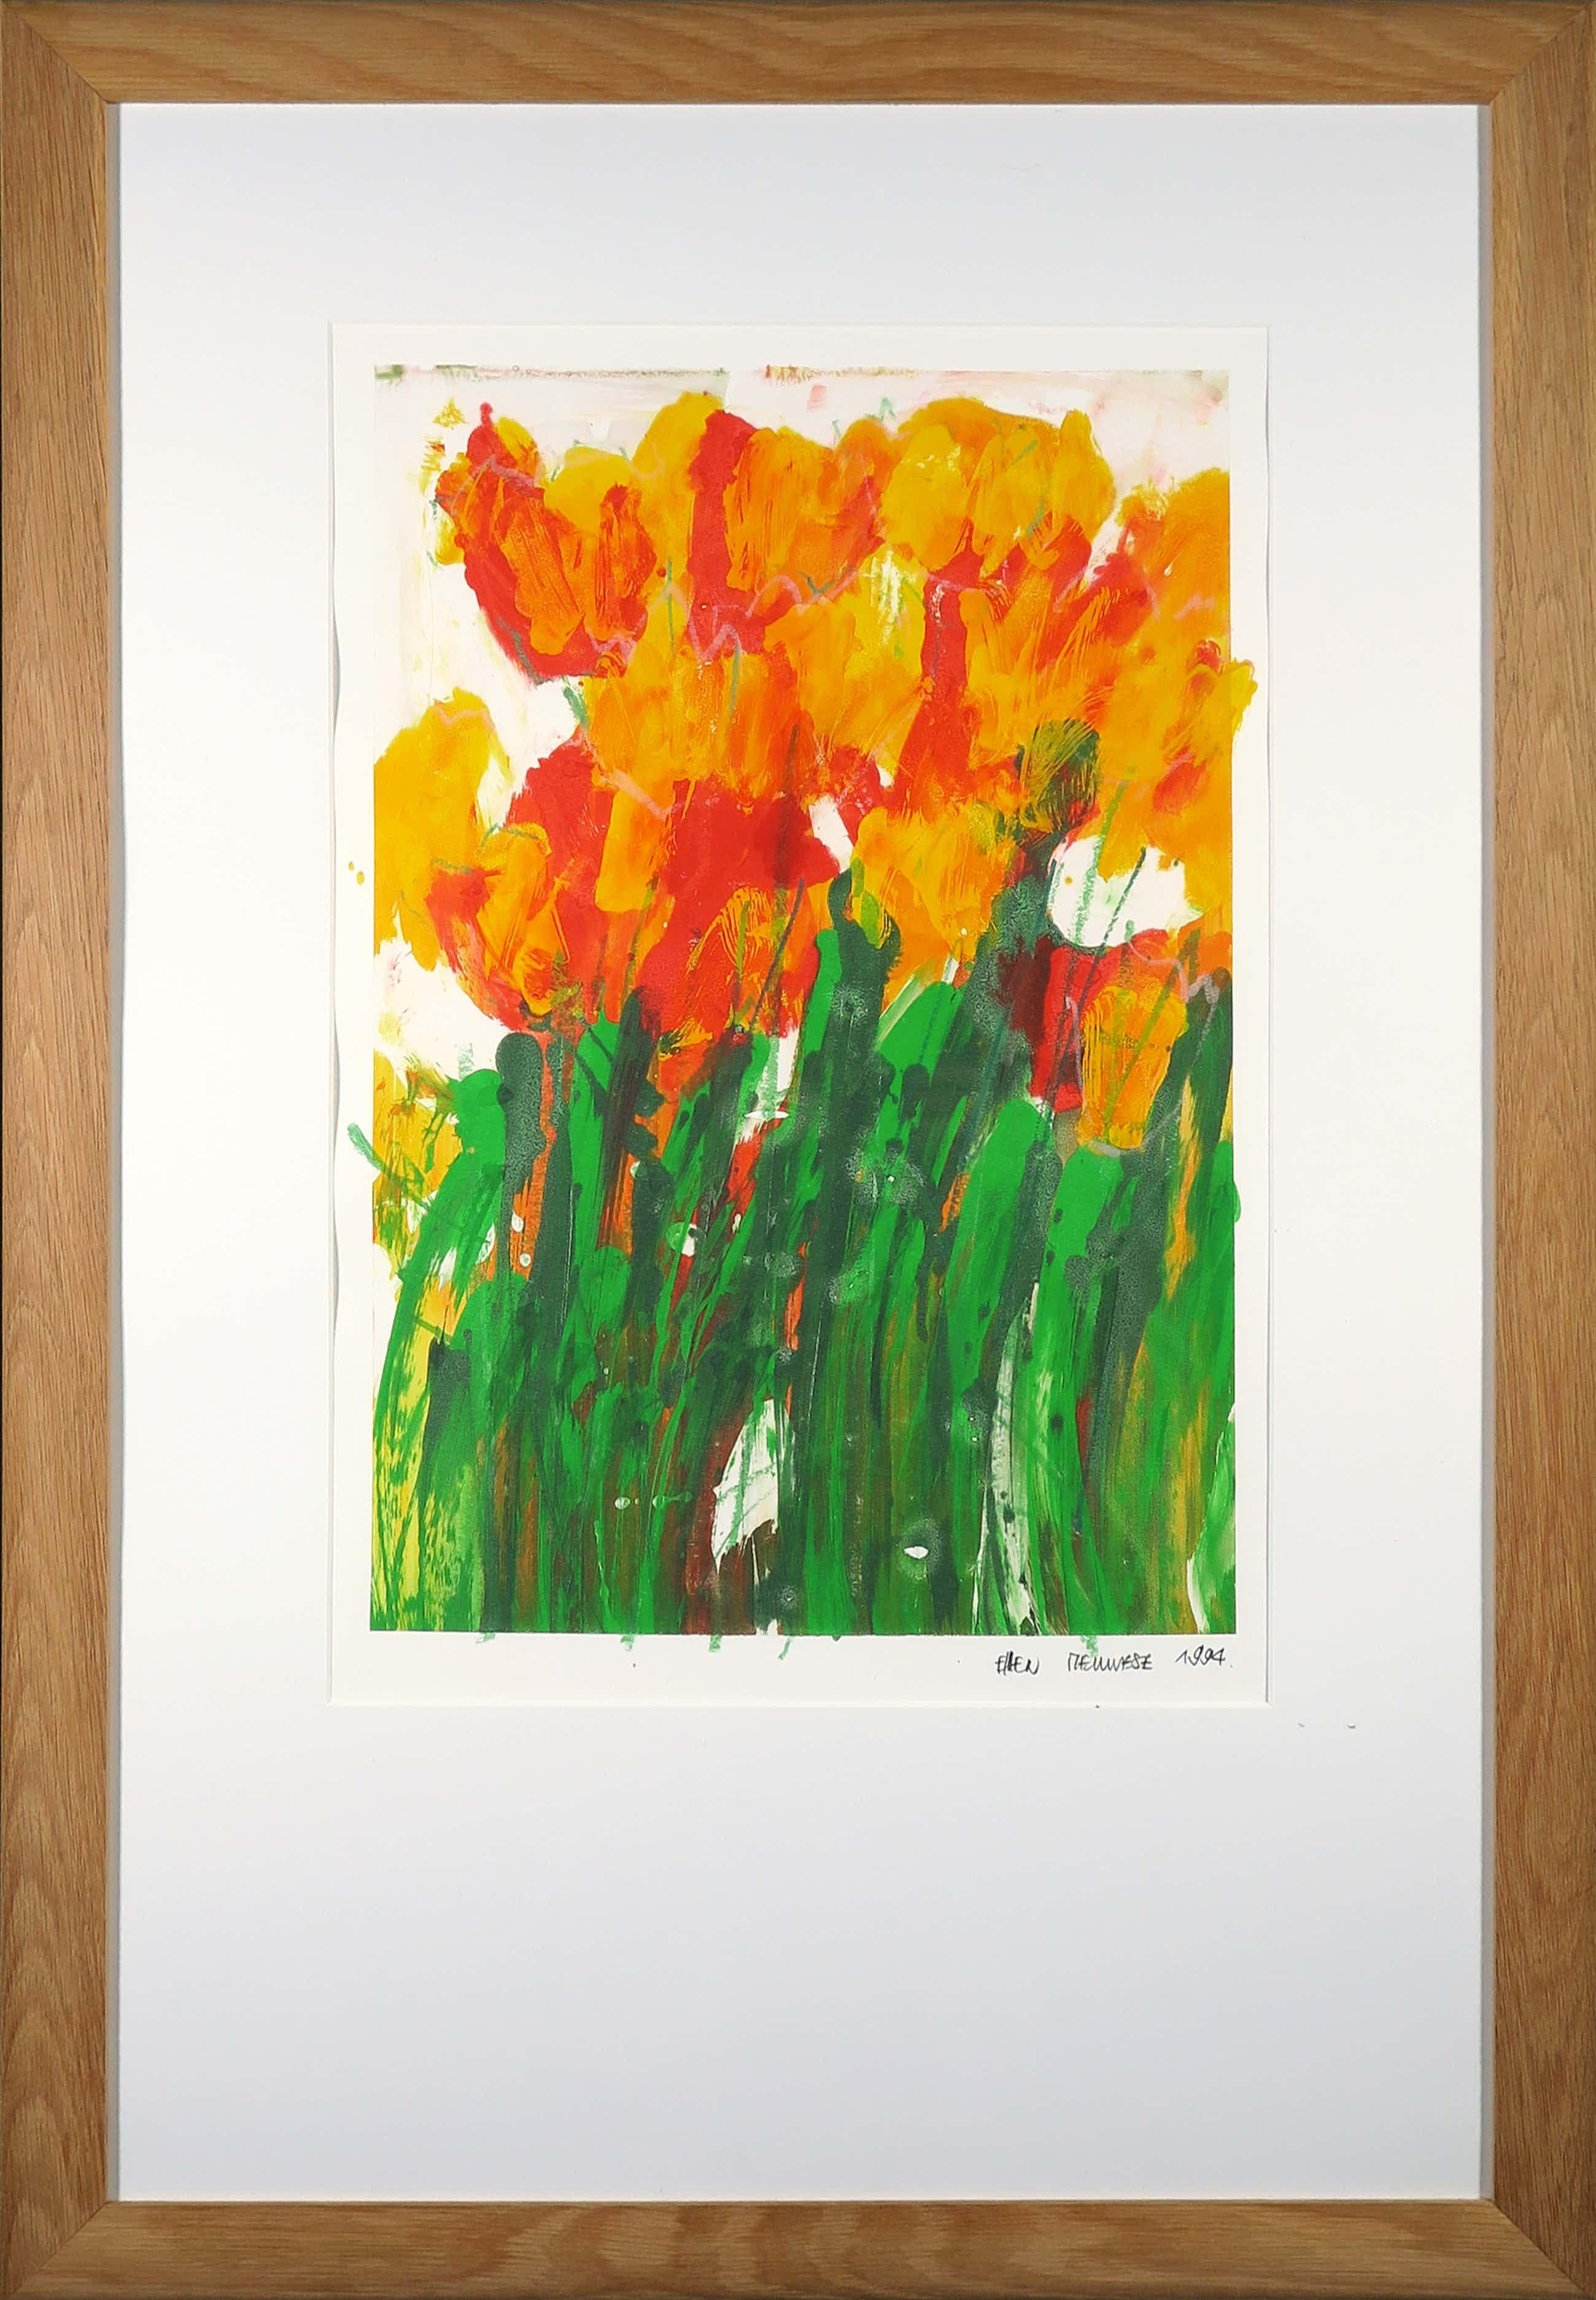 Ellen Meuwese - Monotype, Tulpen - Ingelijst kopen? Bied vanaf 20!